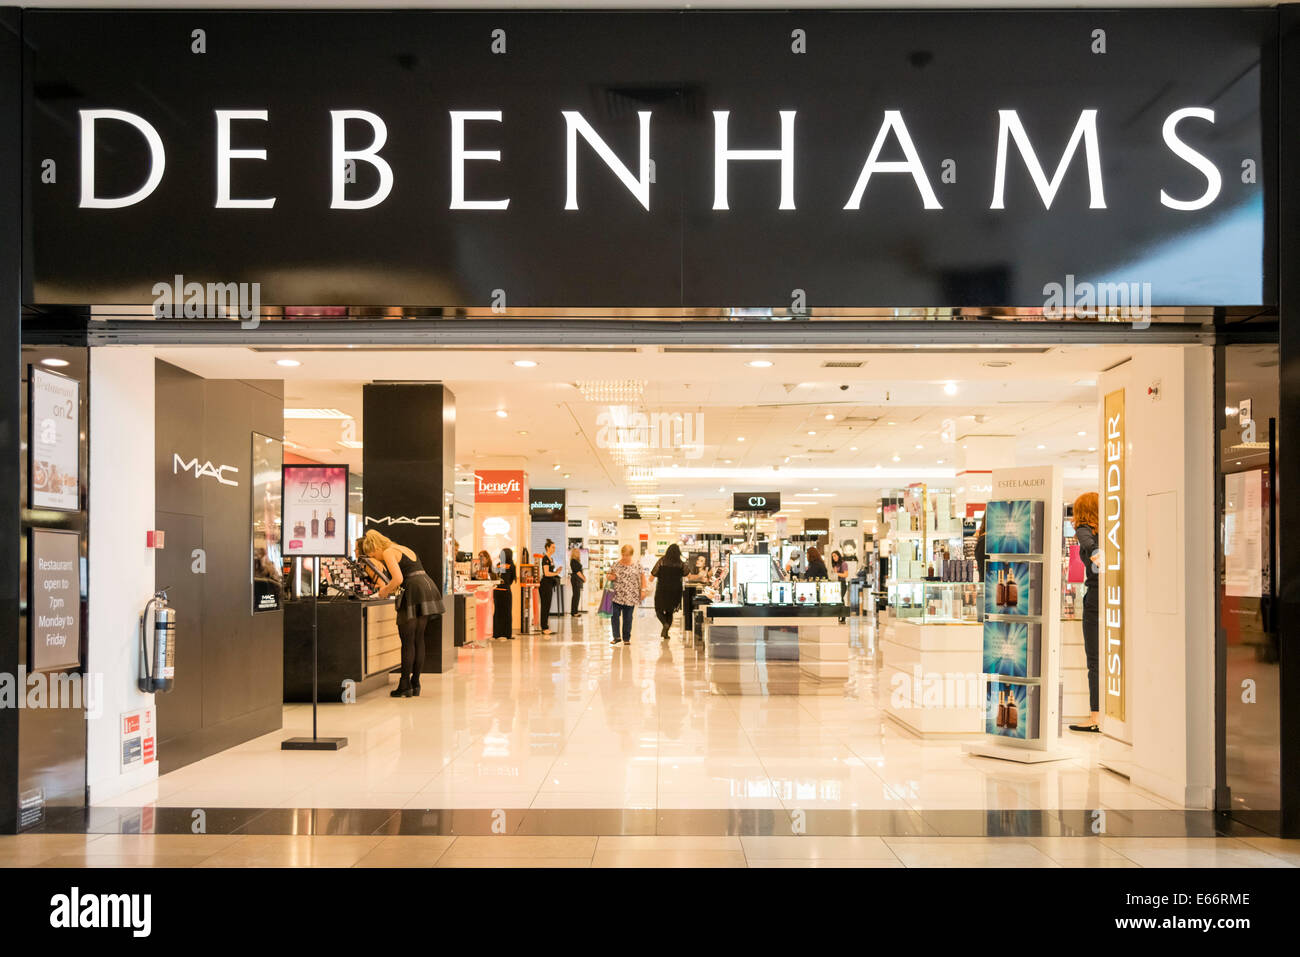 Debenhams store, UK. - Stock Image